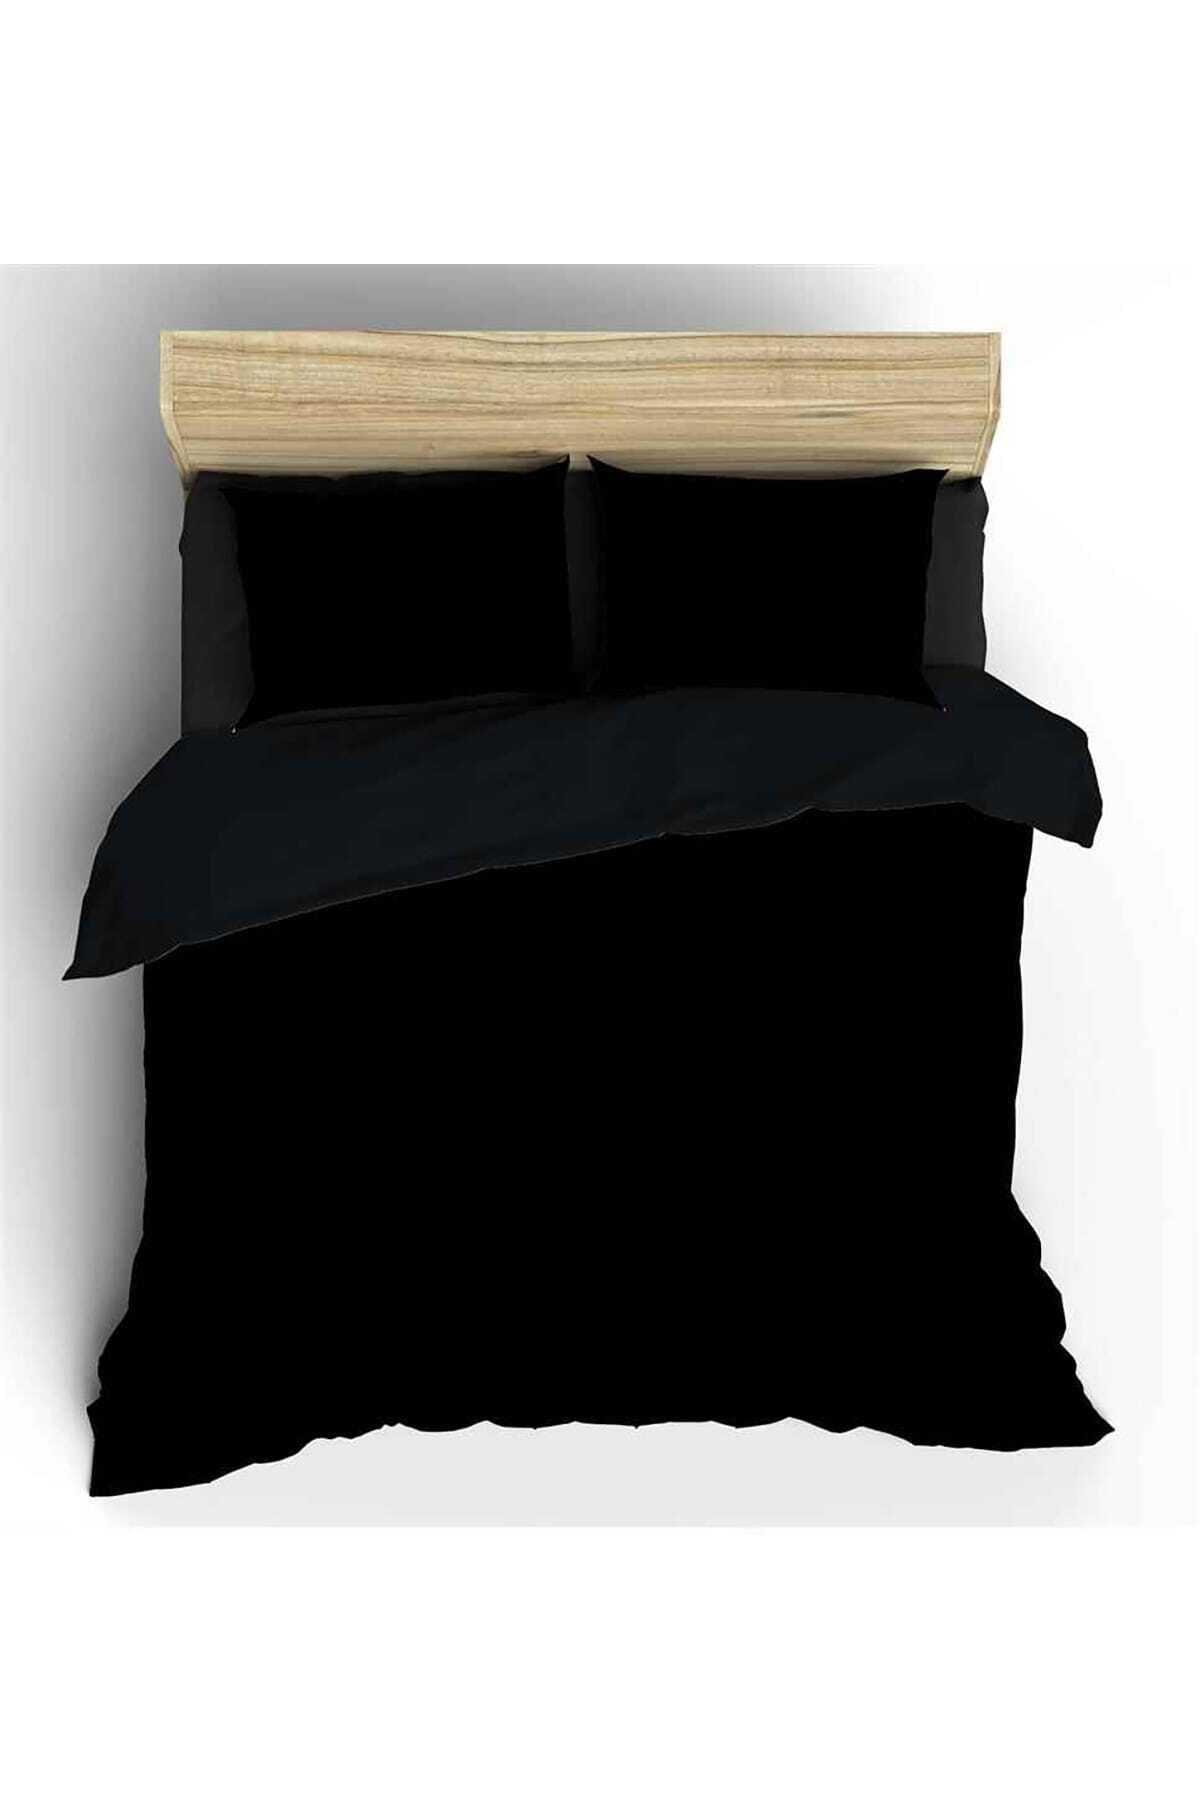 Siyah Maki Pamuk Çift Kişilik Nevresim ve Yastık Kılıfı